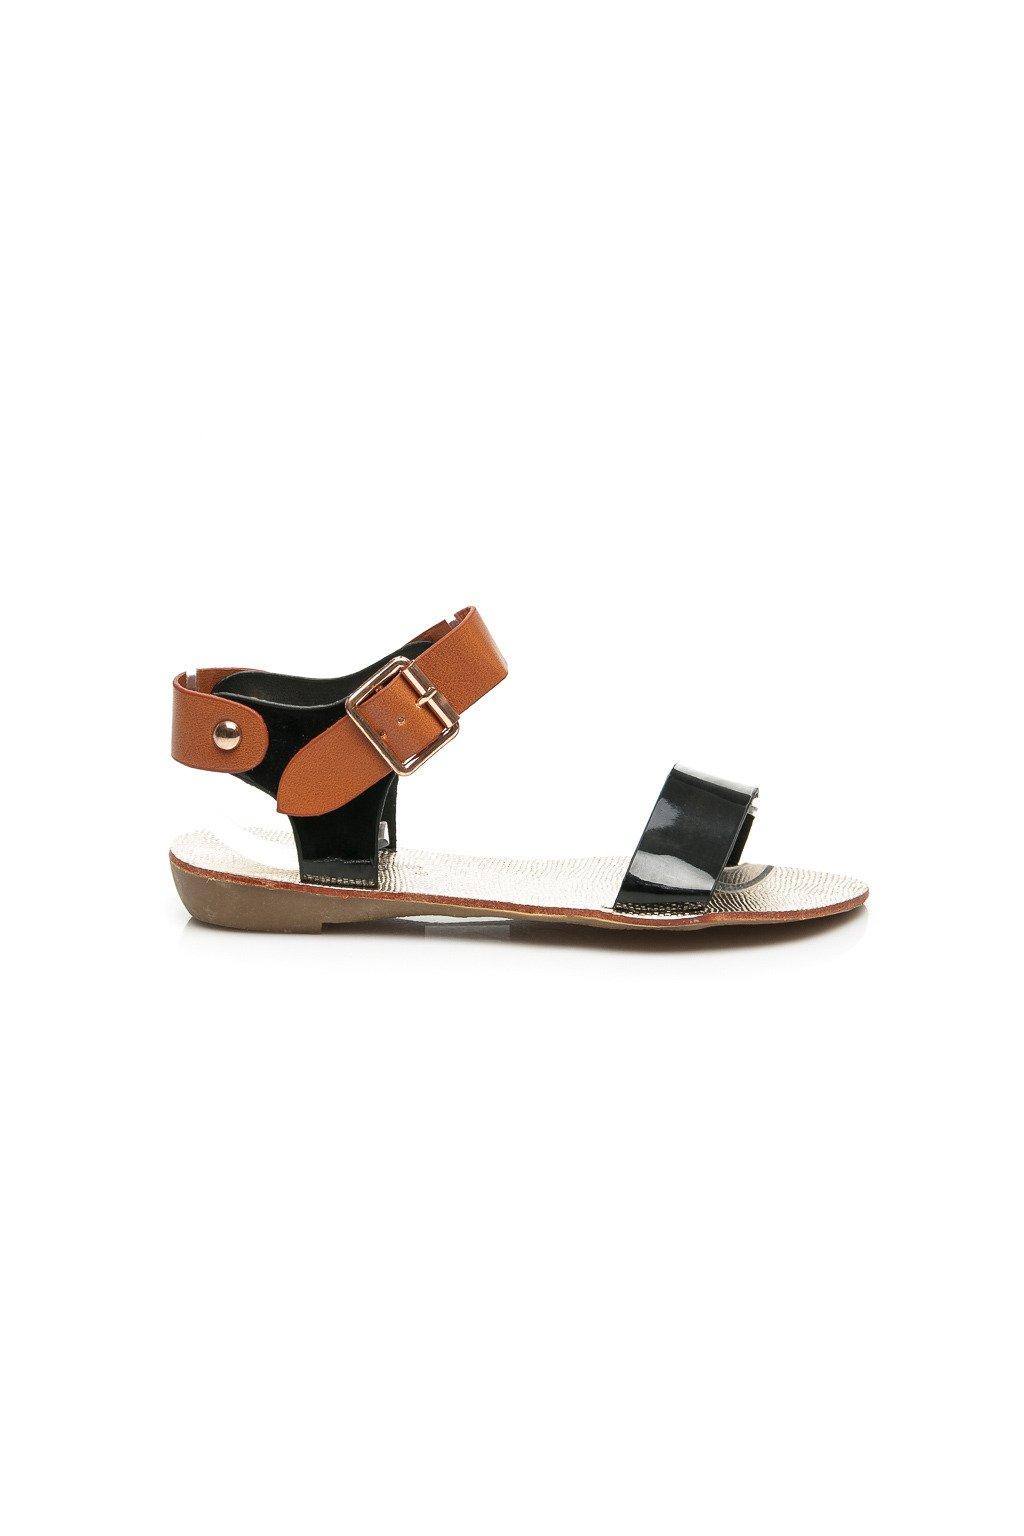 Dvojfarebné sandále 2D298B (Veľkosť UK7 / EUR 40)